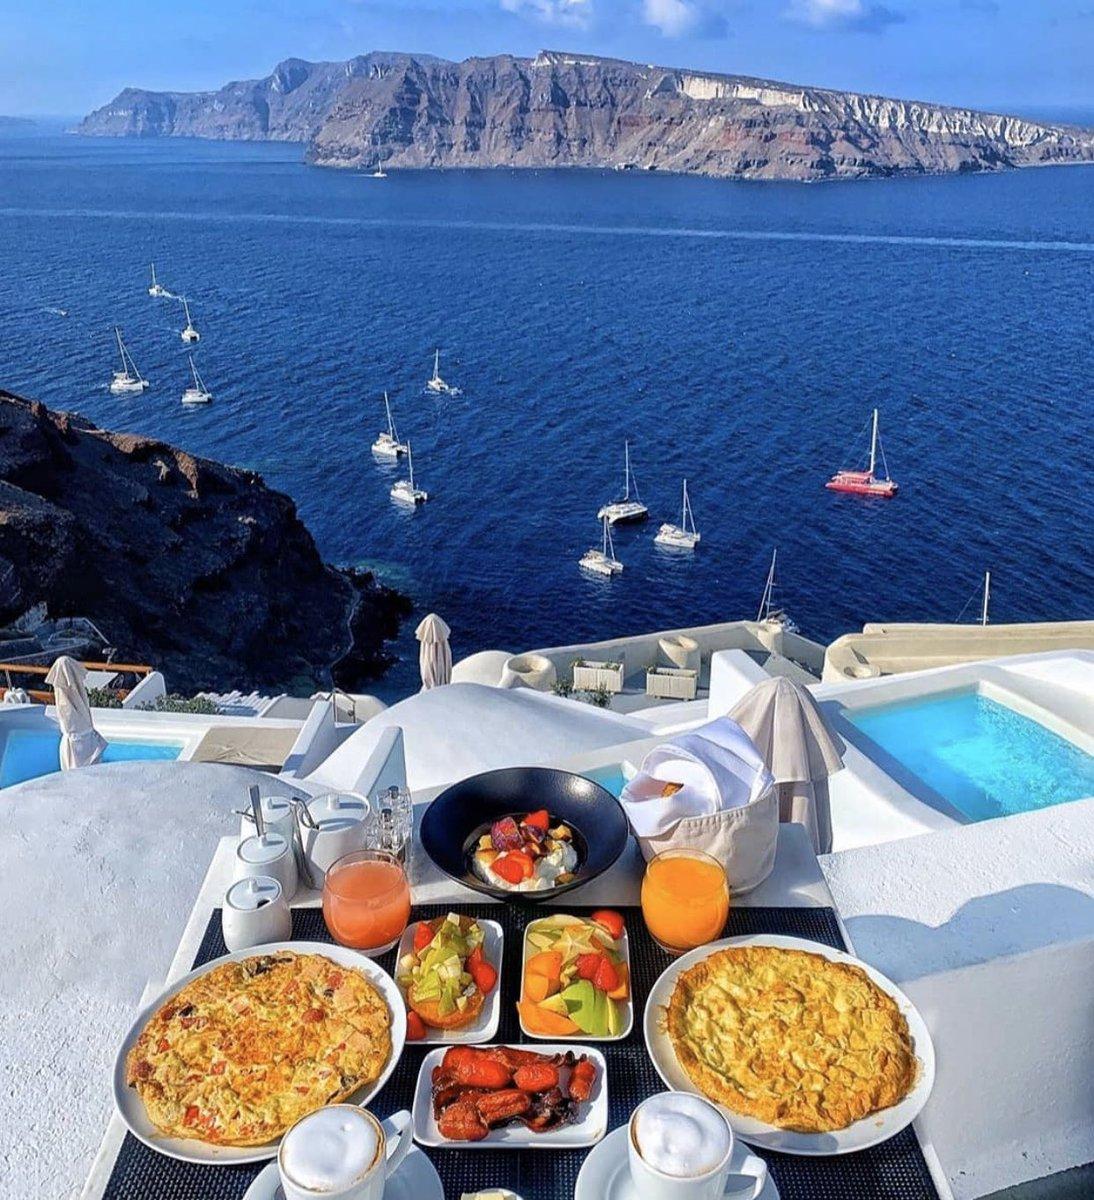 #Santorini is the goal. pic.twitter.com/vviQaJioxi